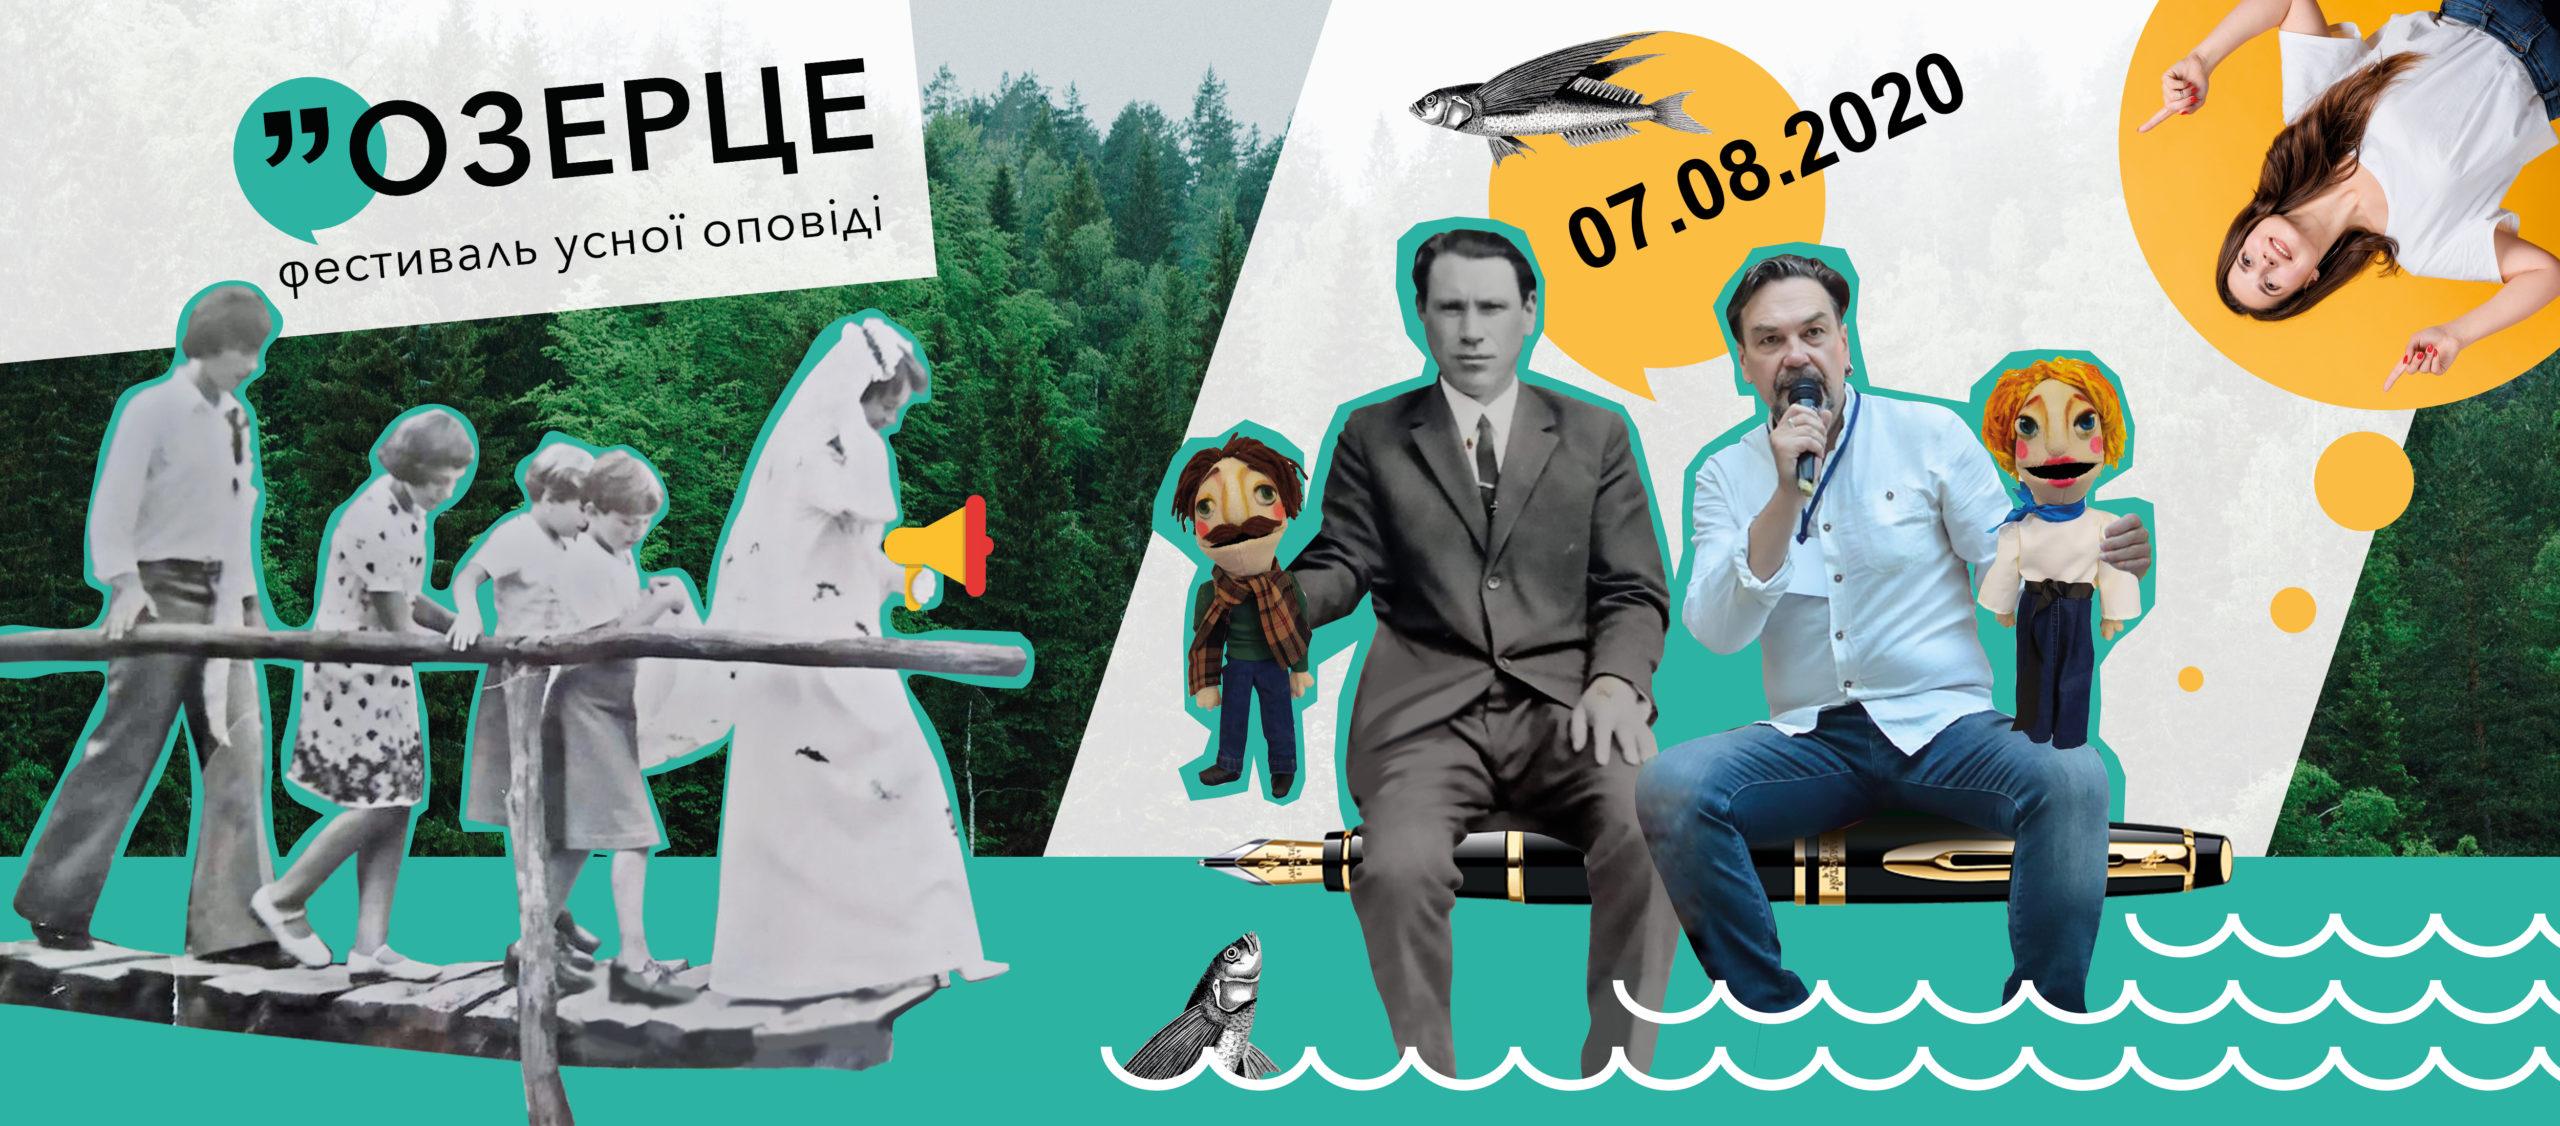 фестиваль усної оповіді Озерце»